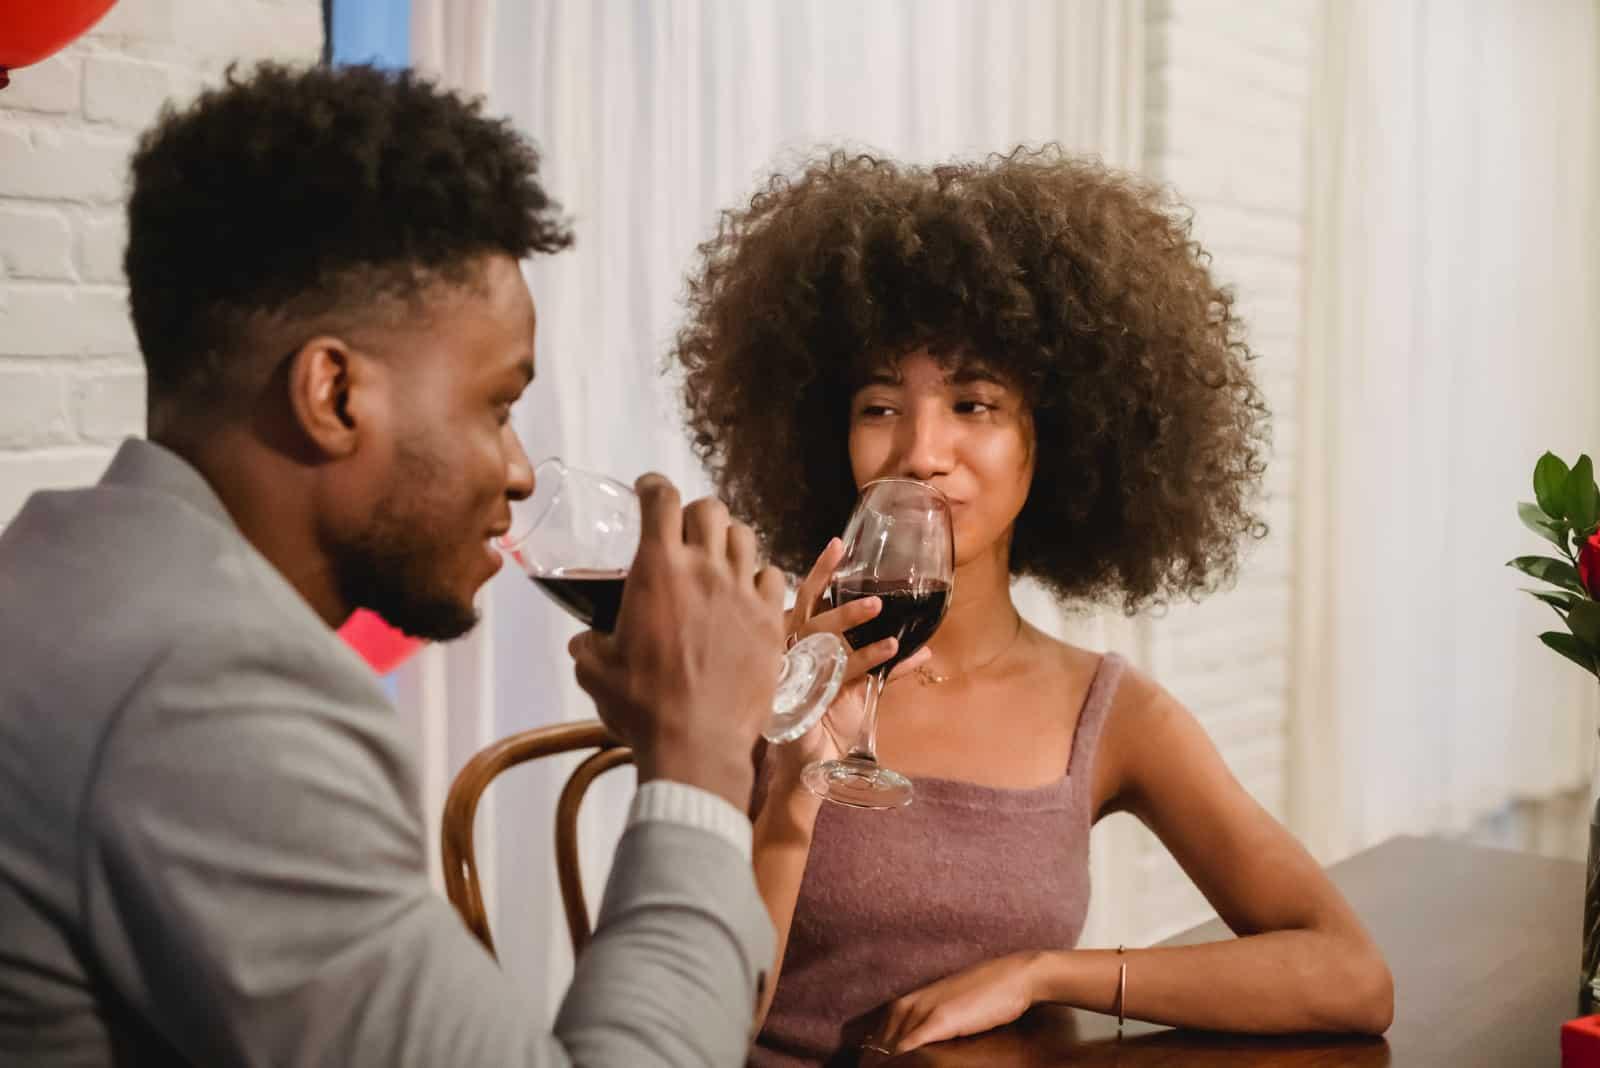 homme et femme buvant du vin assis à une table